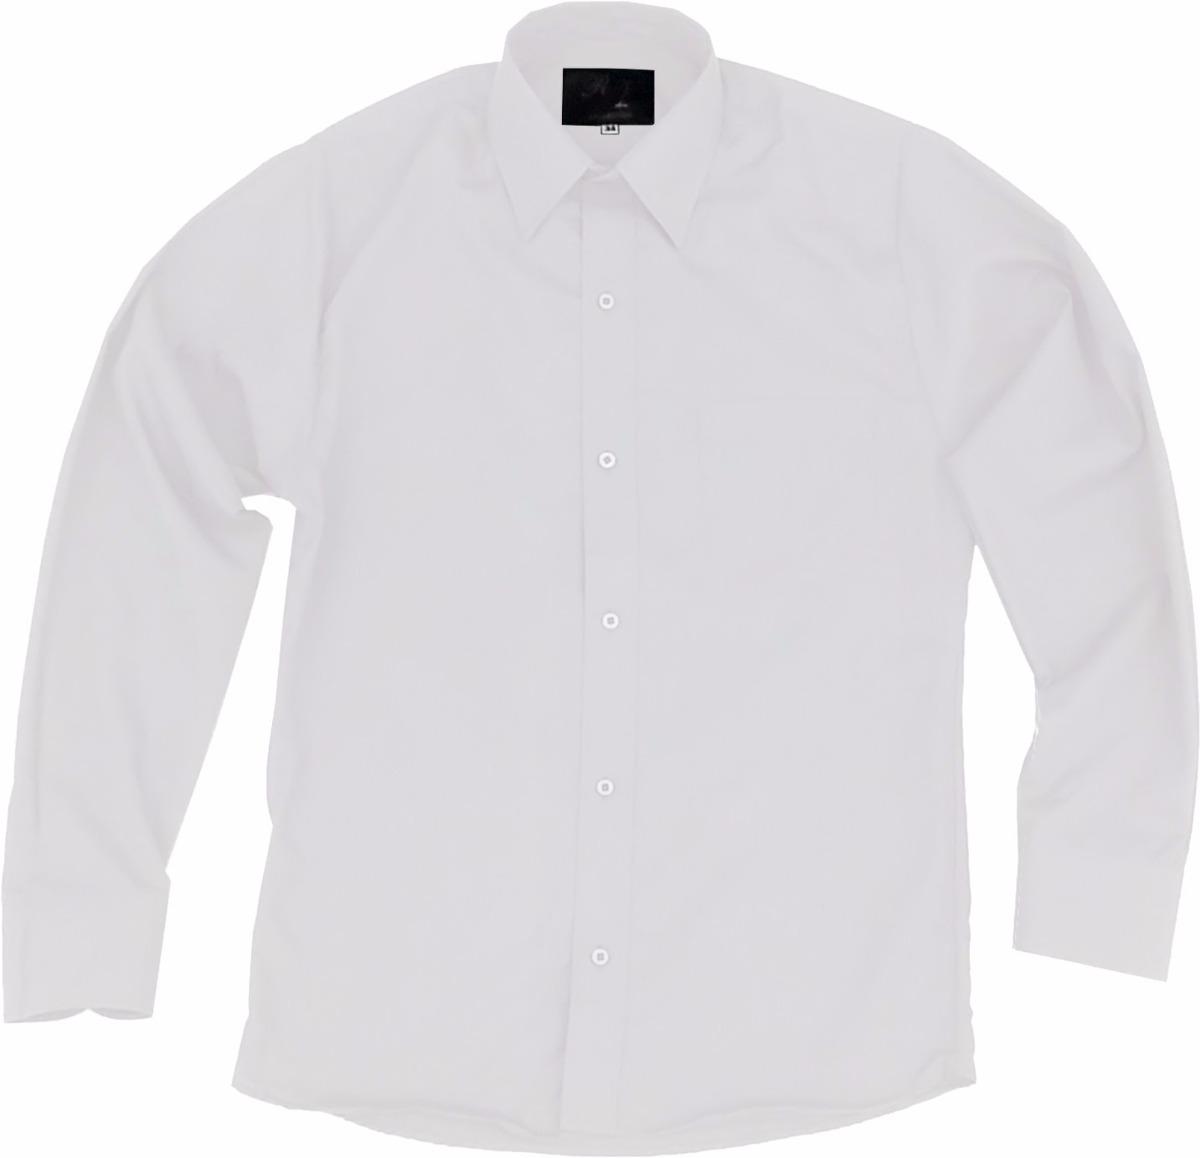 4a2772ad2a76 Camisa Vestir De Adulto Blanca Tallas Extras 52, 54 Y 56 - $ 215.00 en  Mercado Libre